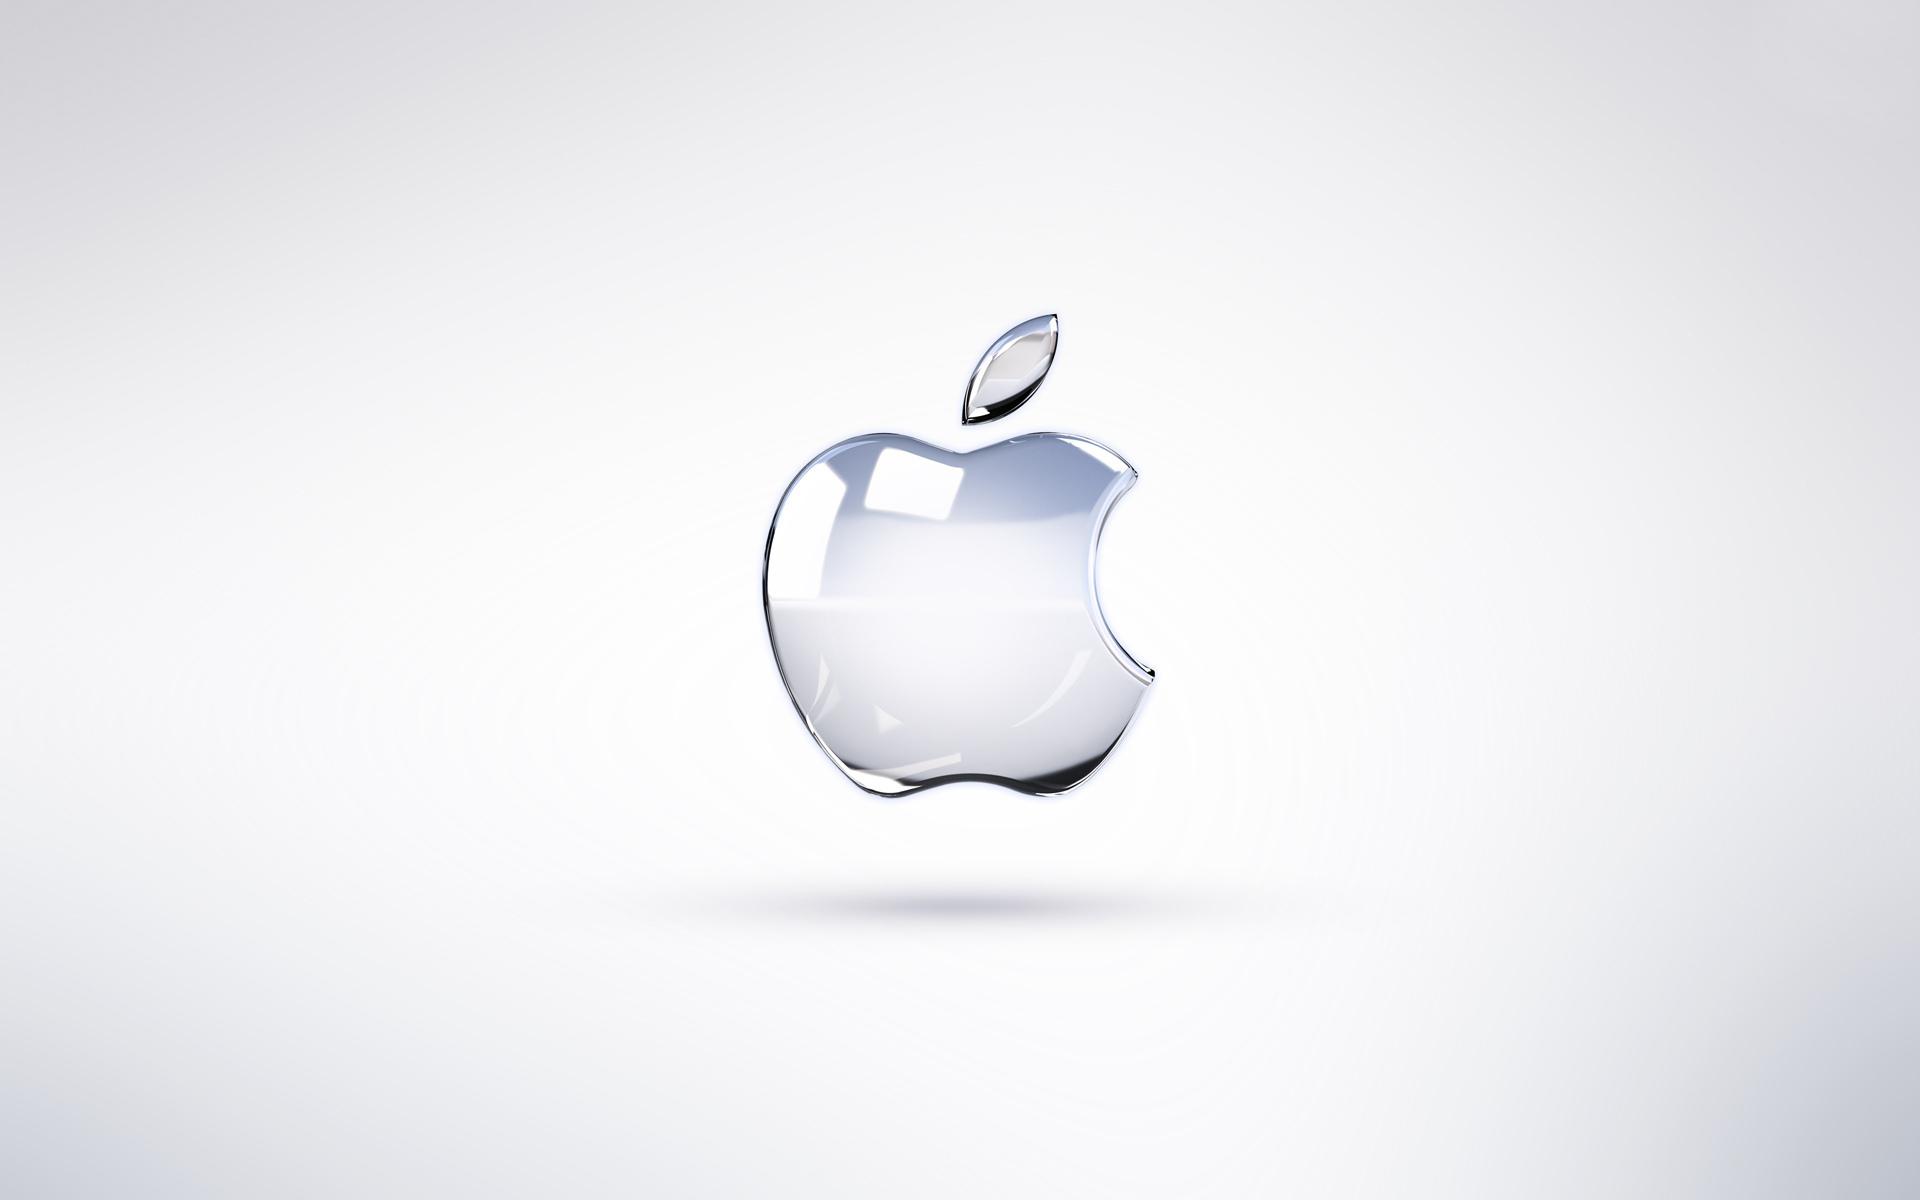 38935 скачать обои Фон, Apple, Логотипы - заставки и картинки бесплатно